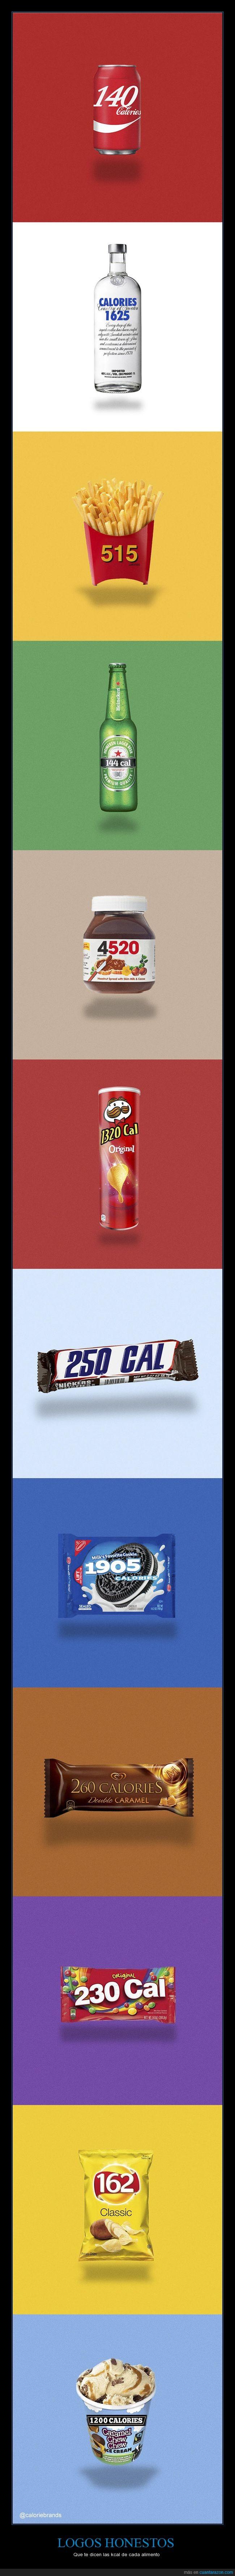 alimentos,calorías,comida,kcal